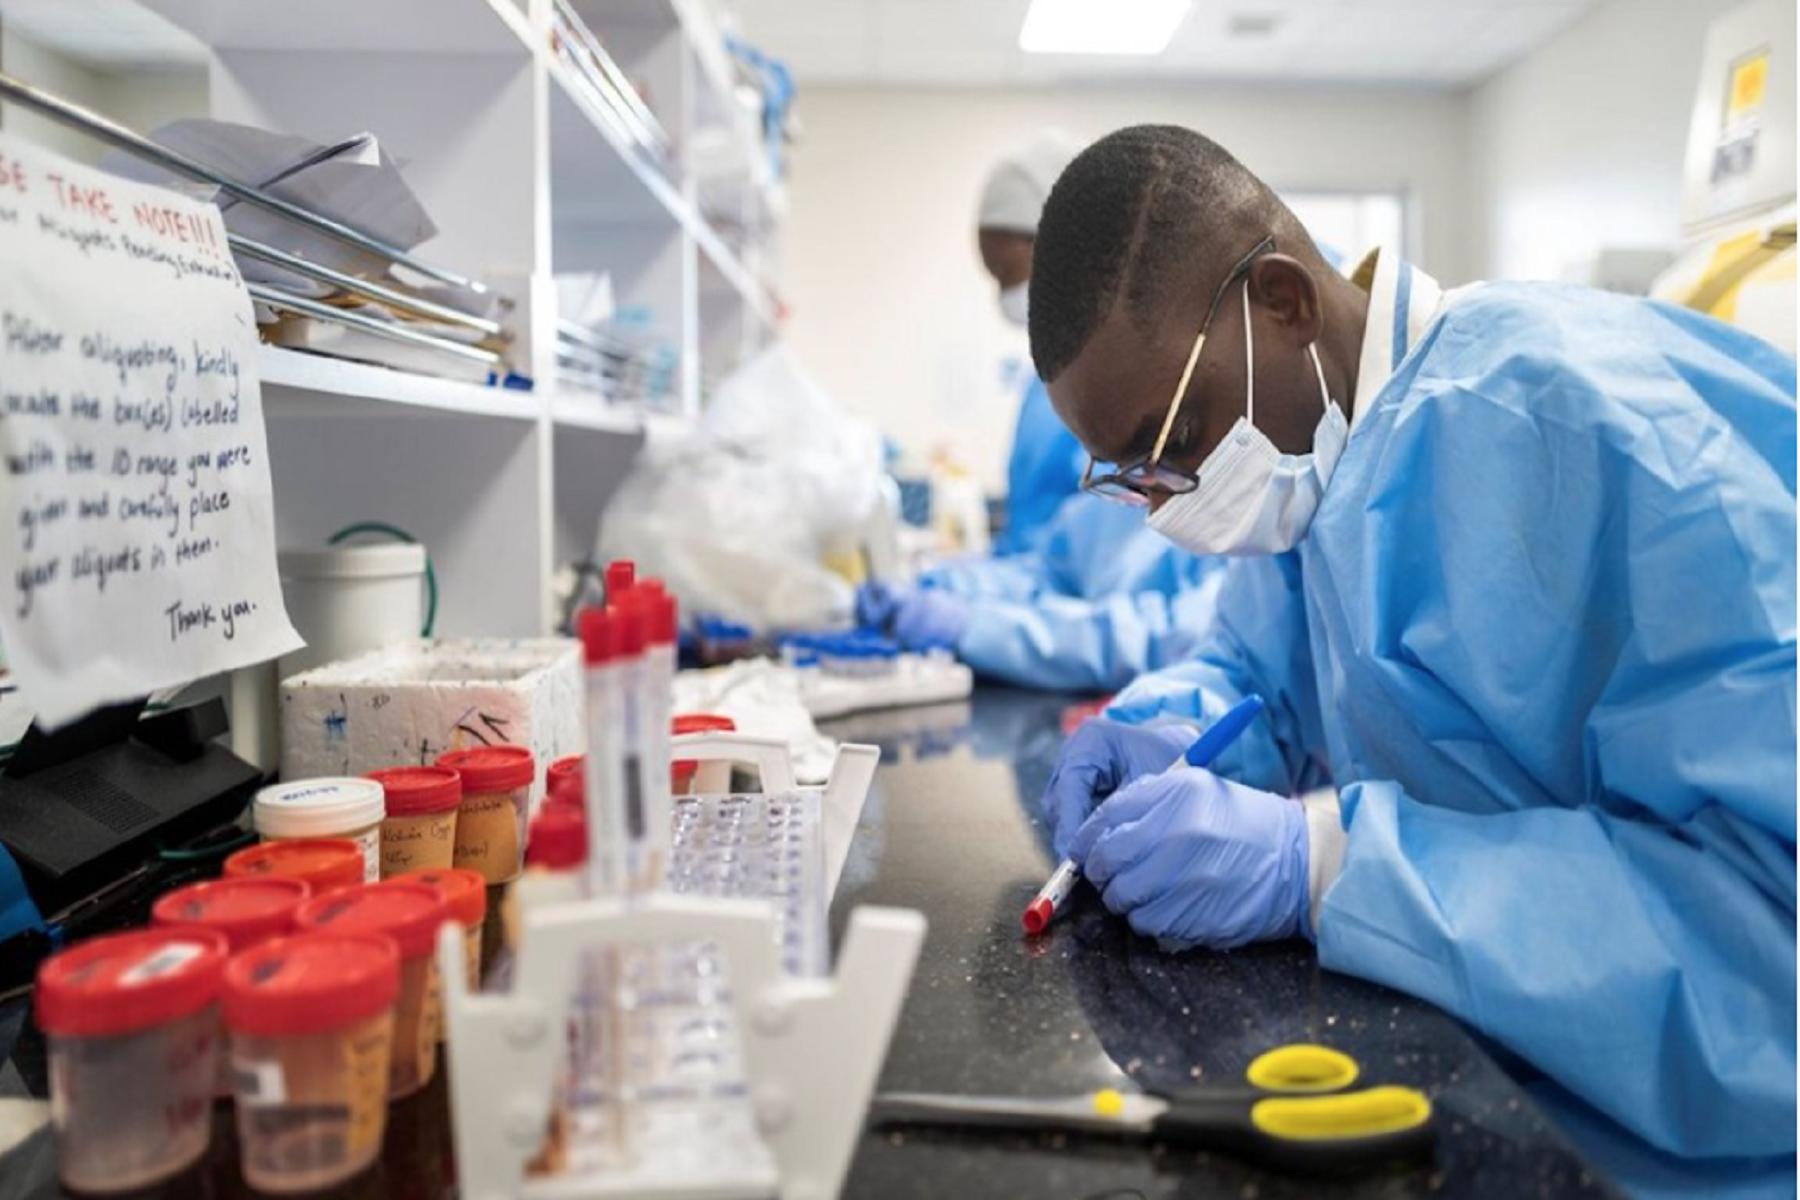 Νότιος Αφρική: H βιοτεχνολογία εργάζεται σε εμβόλιο για τερματισμό της έλλειψης εμβολίων covid